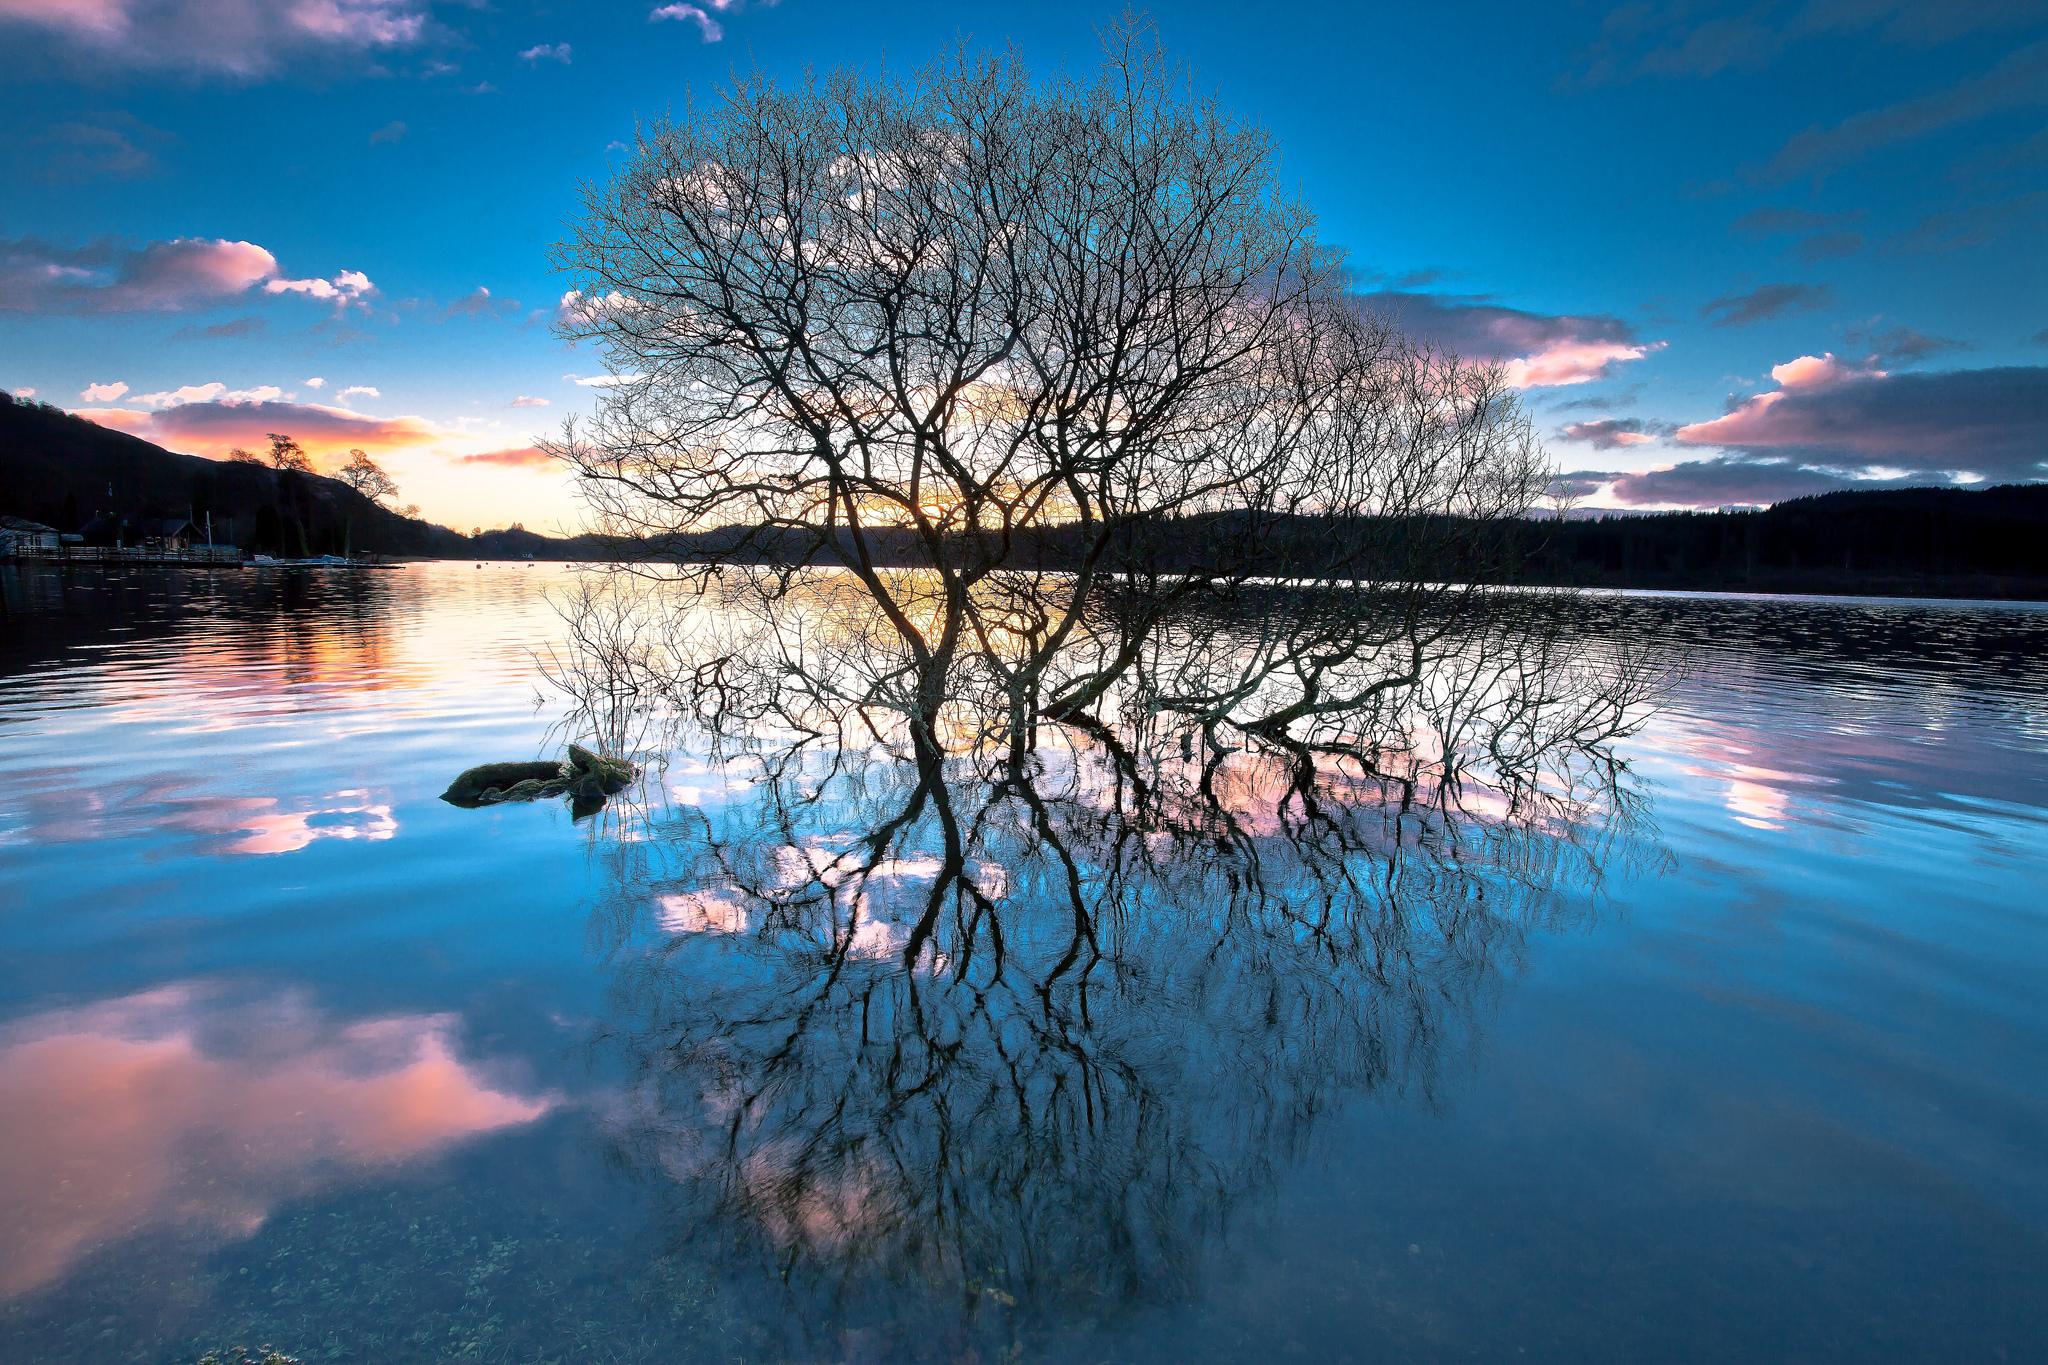 озеро в лесу на закате  № 380252 бесплатно